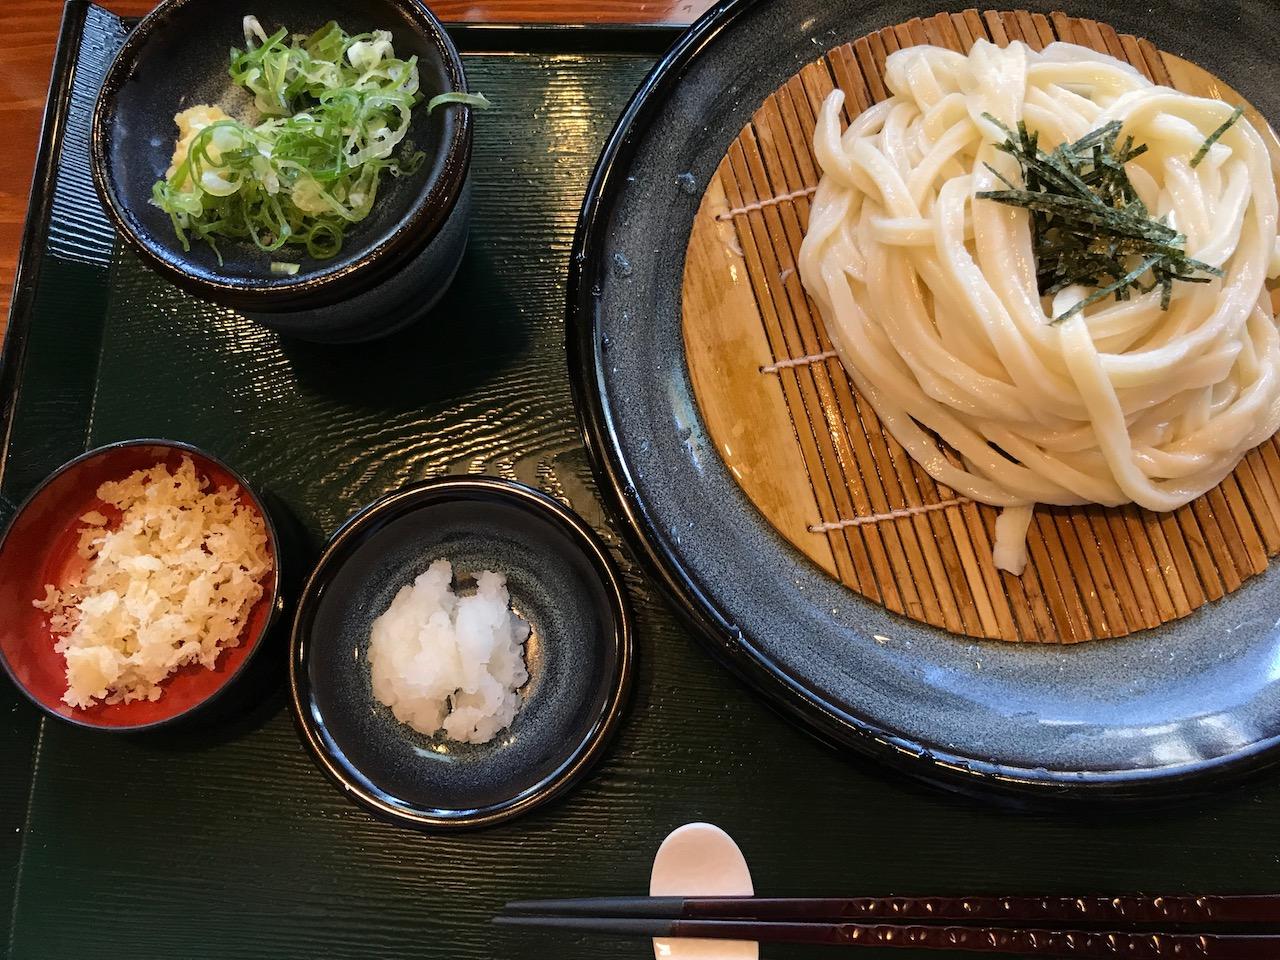 香川でうどんを喰らう!高松駅近くで夕方頃でも食べられるうどん屋さんへ行ってきた